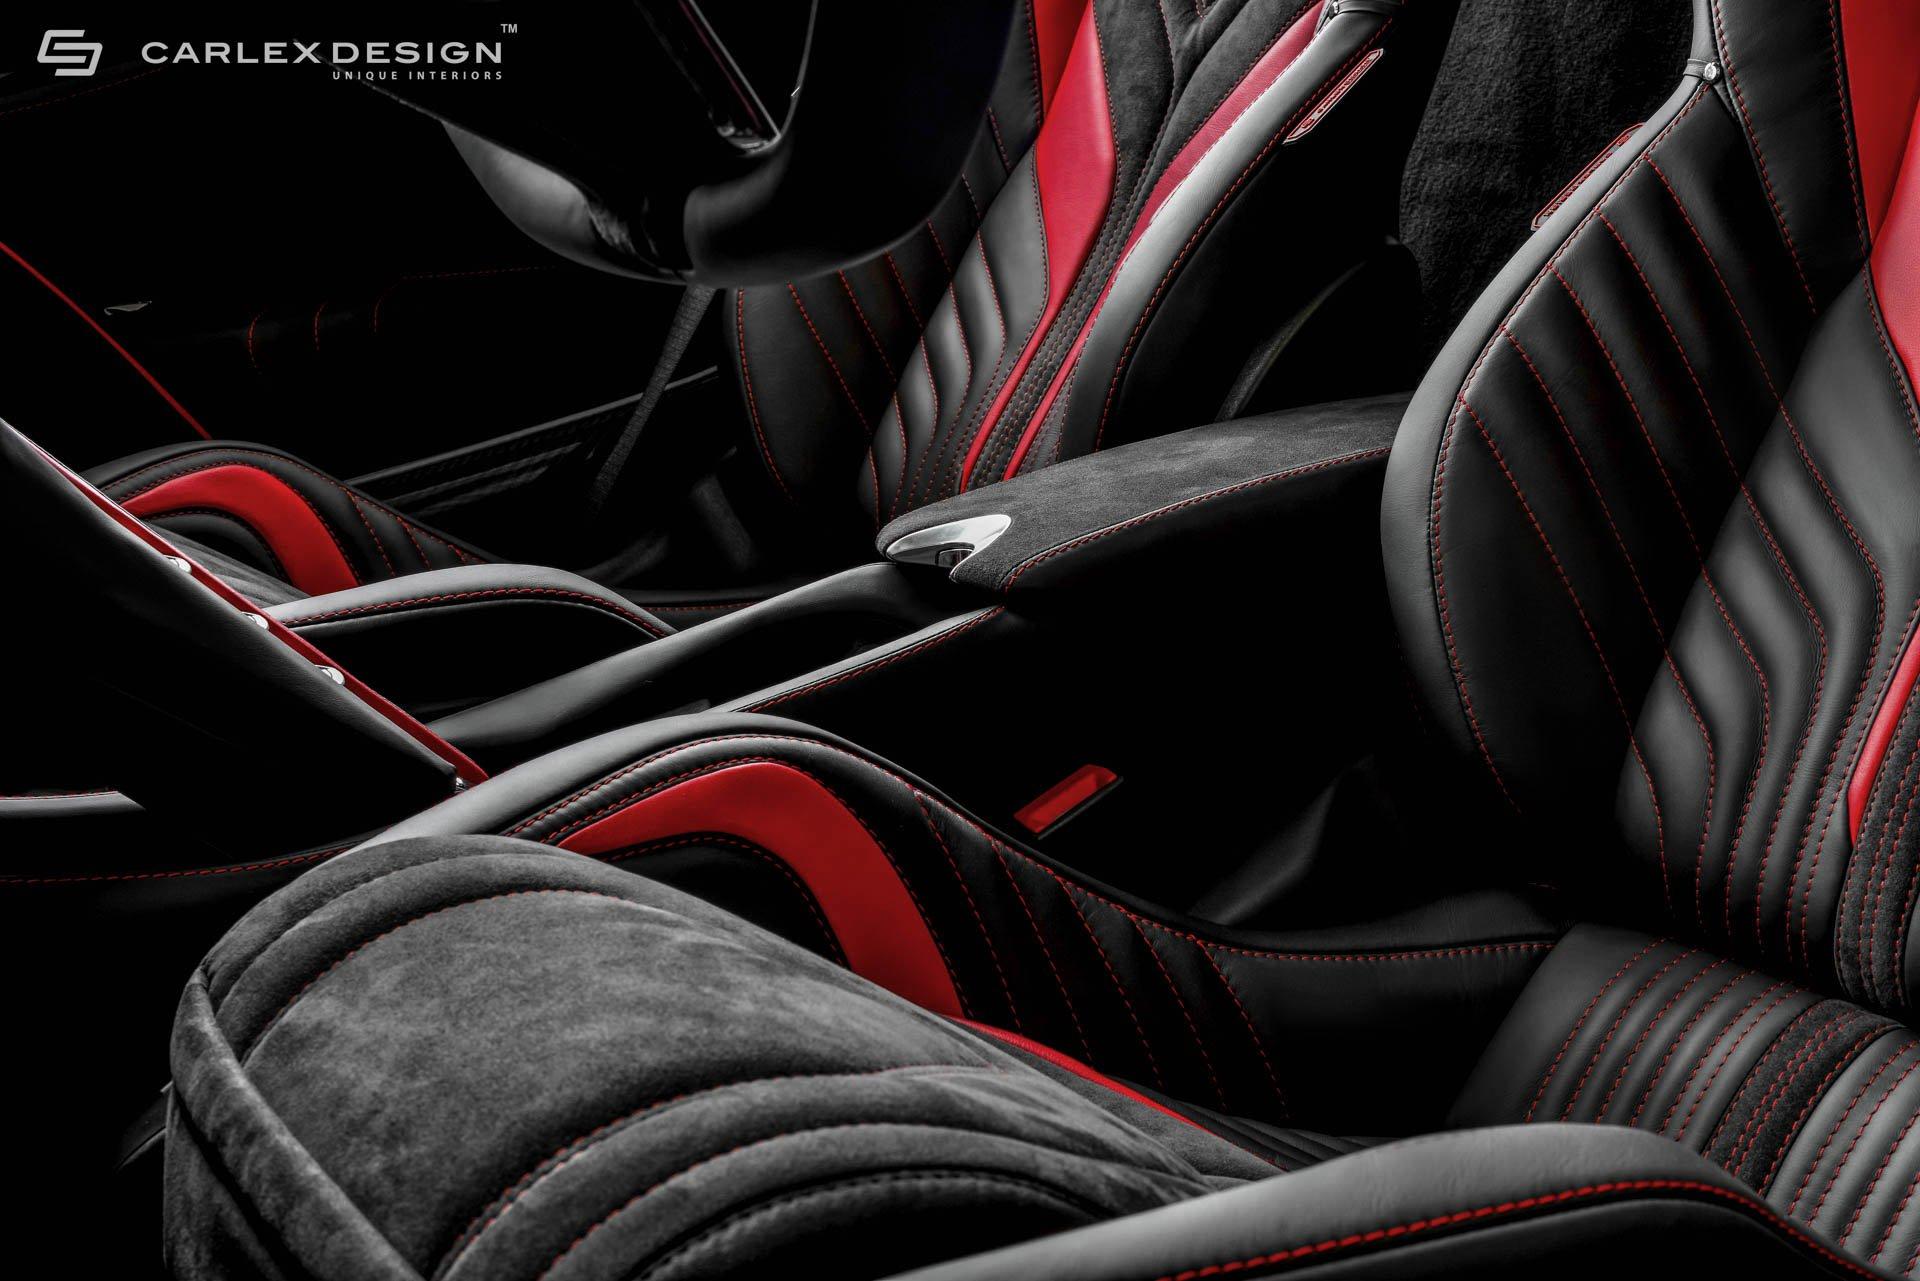 McLaren_720S_Carlex_design_0010